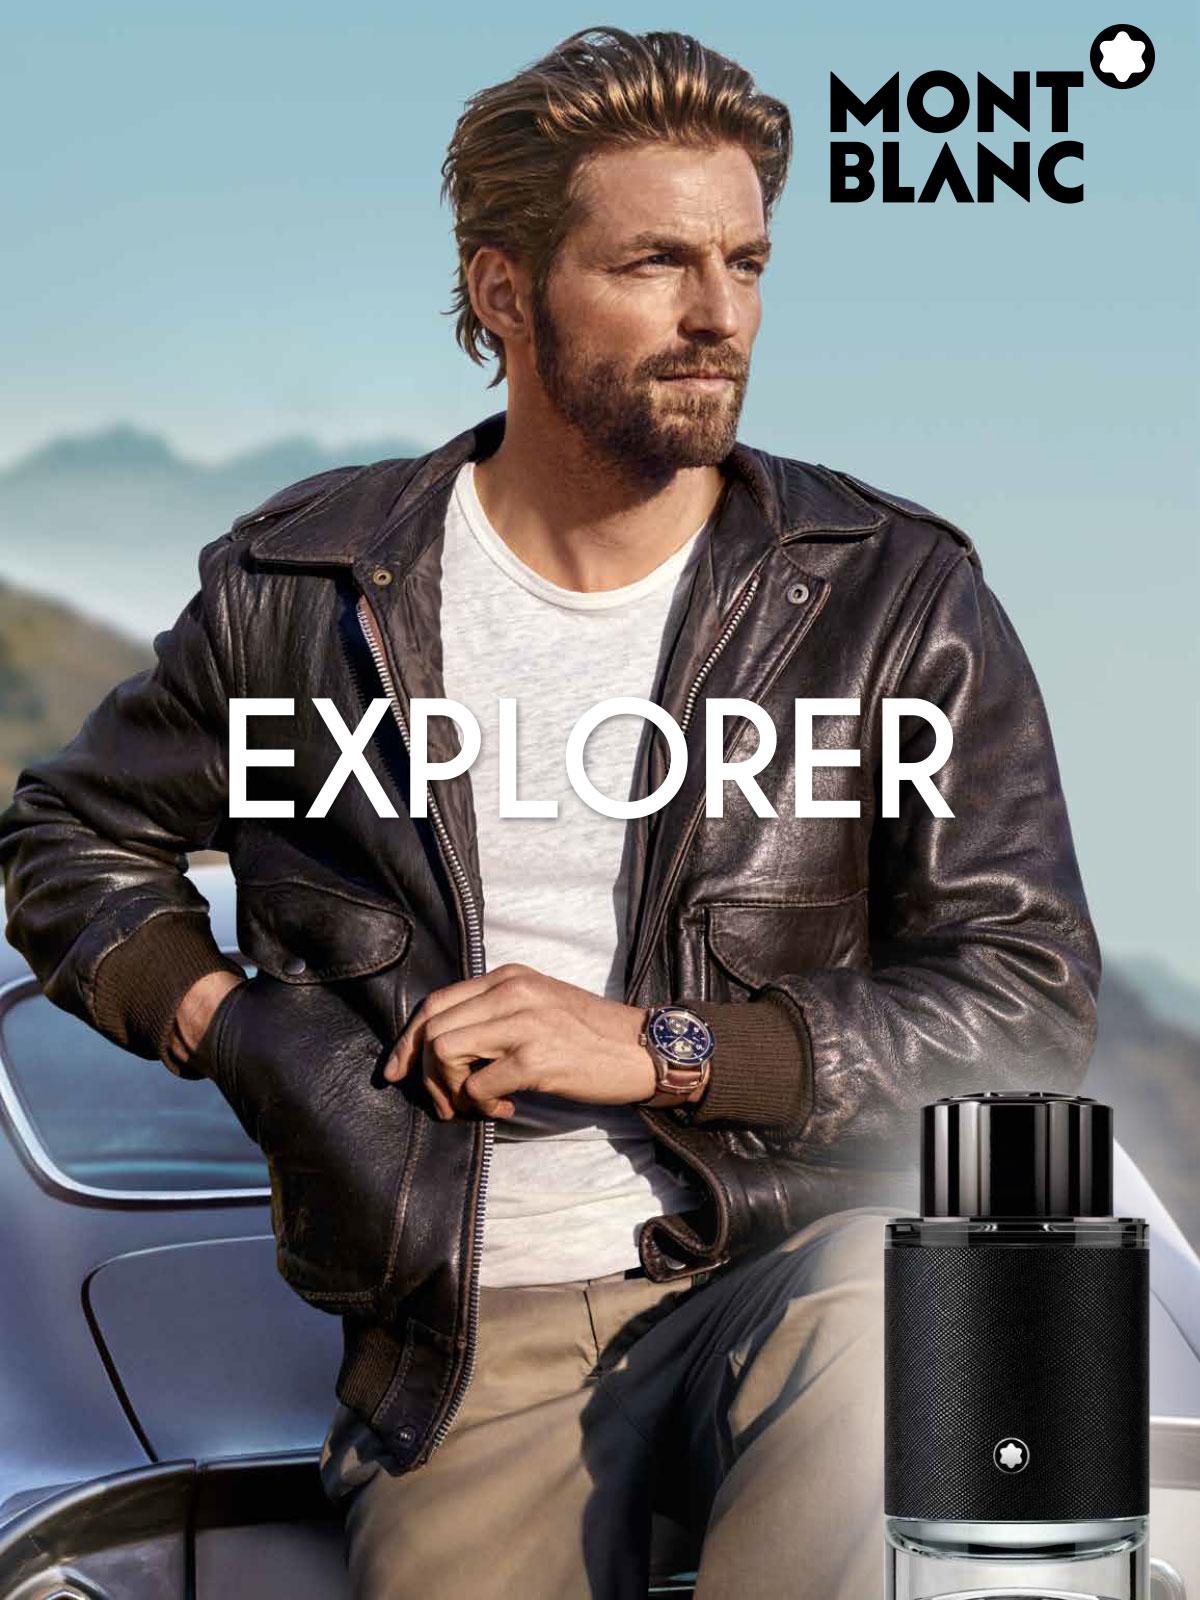 Ein Bild von einem Montblanc Parfum Visual